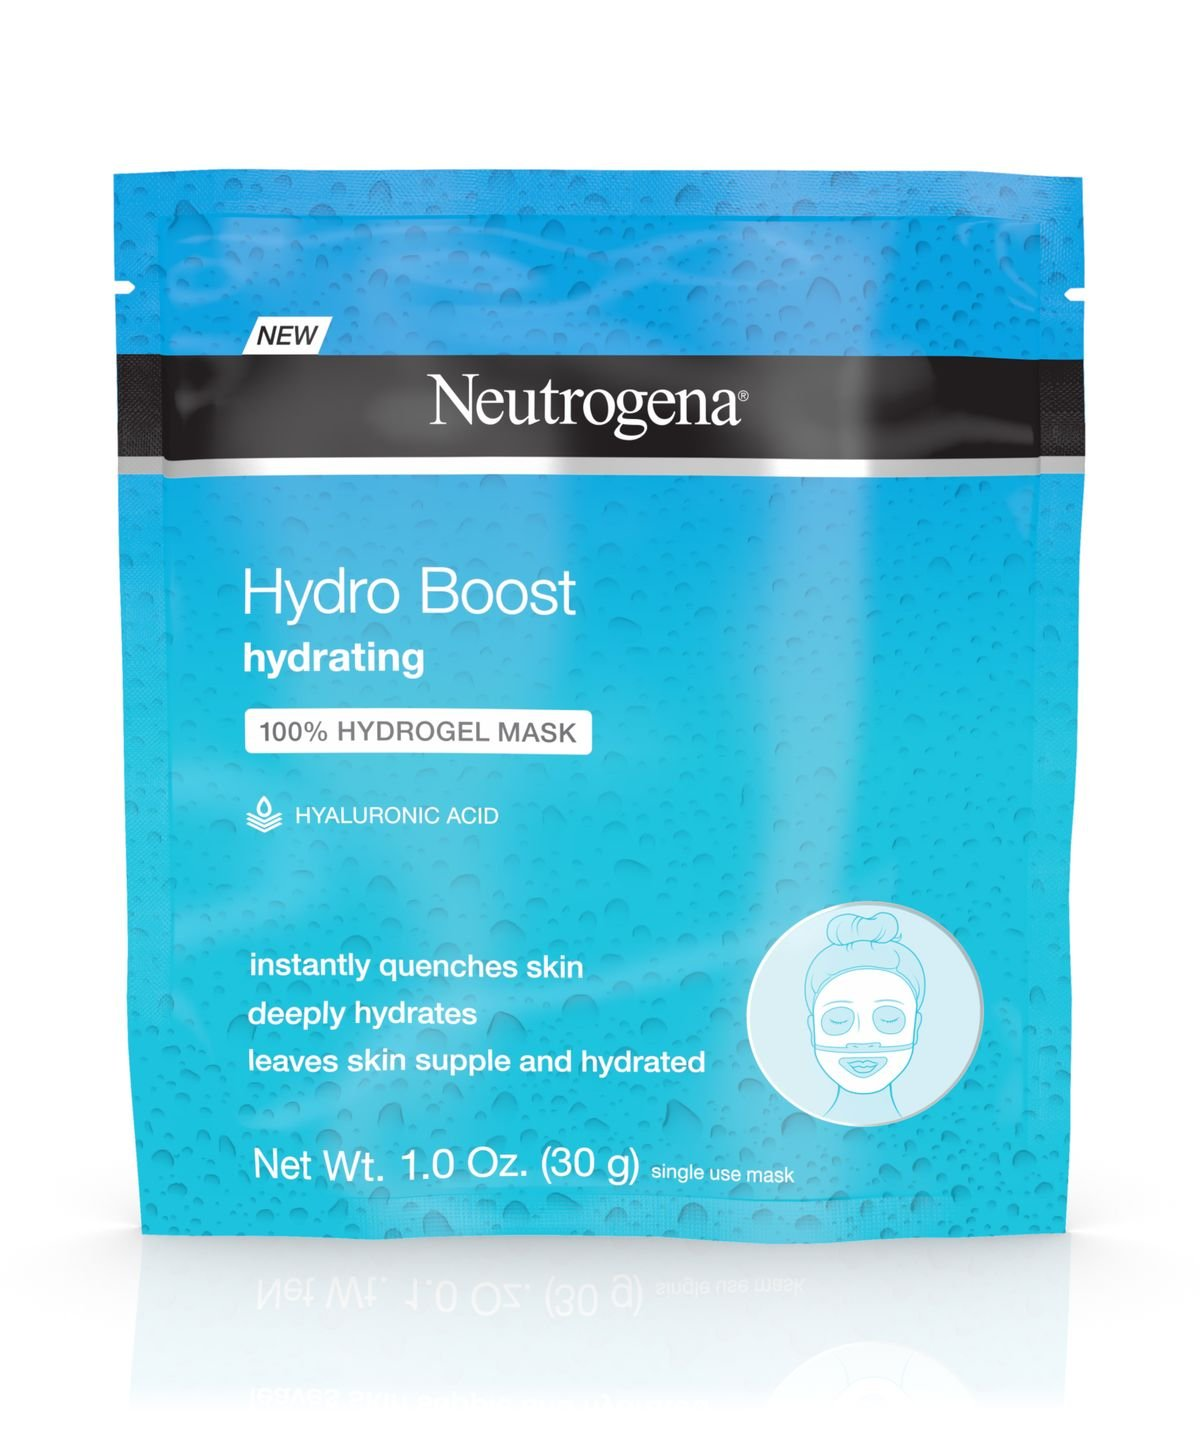 Mascara de neutrogena precio